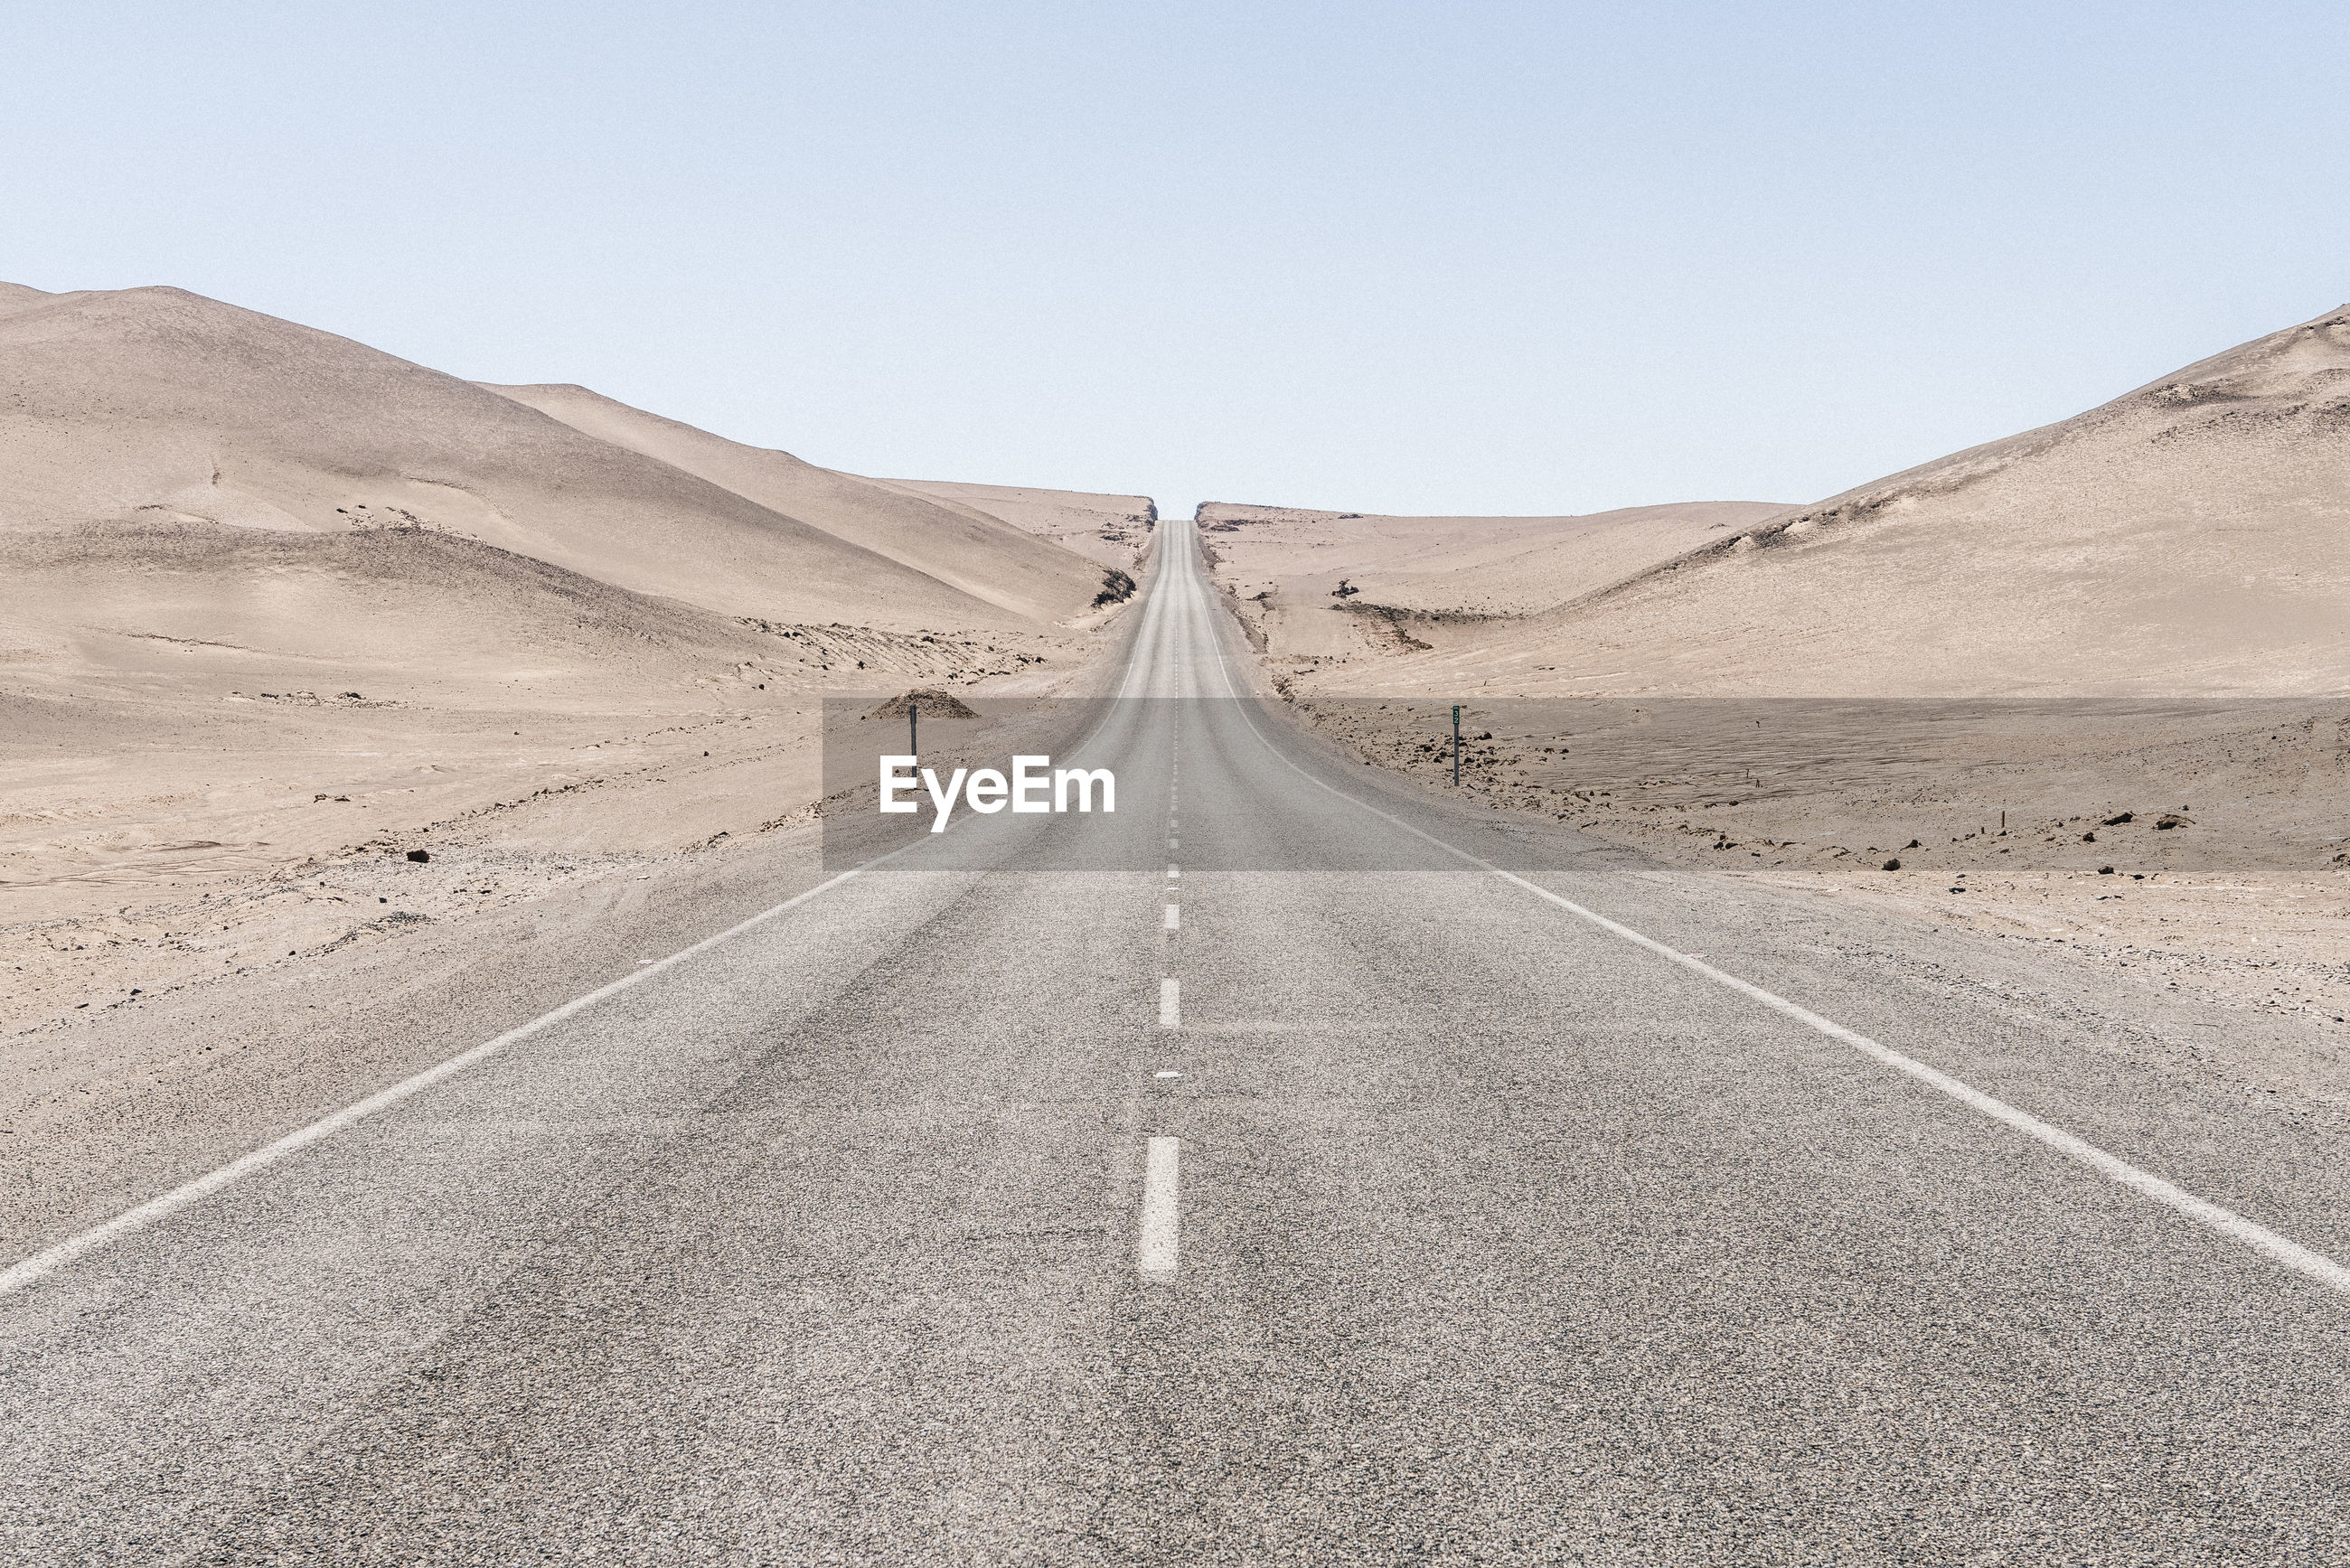 View of road along desert against sky